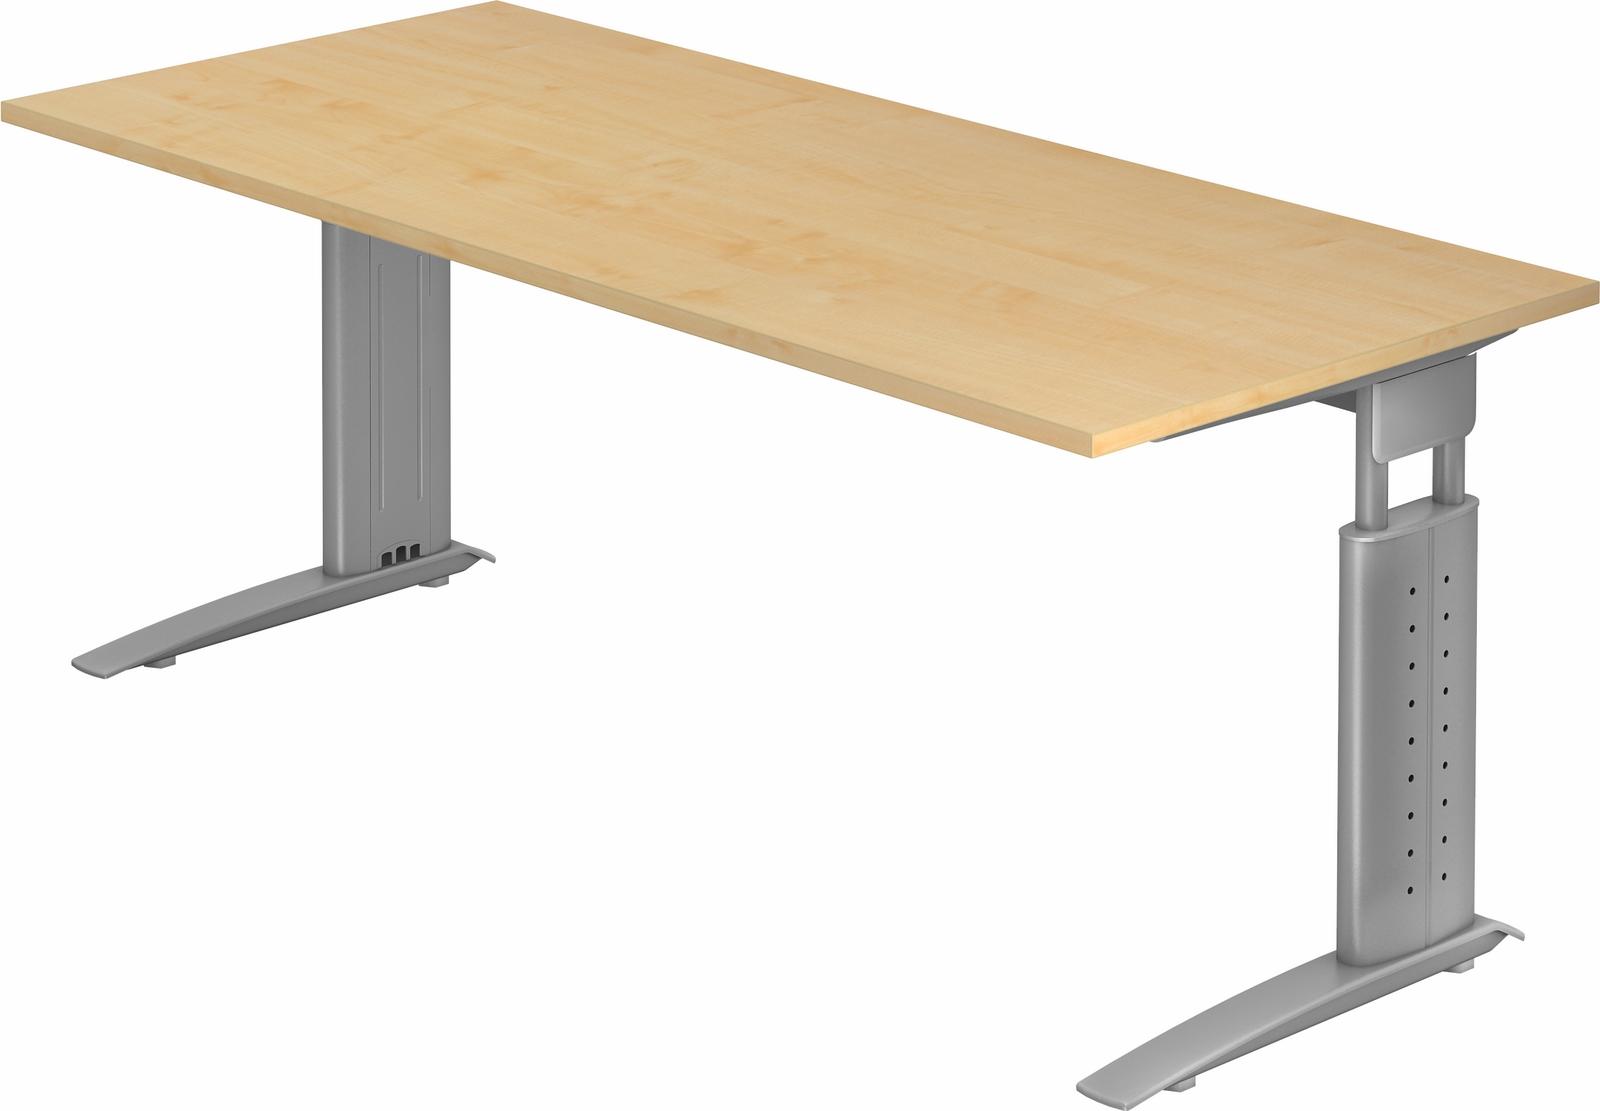 Schreibtisch h henverstellbar b rotisch b roschreibtisch for U schreibtisch